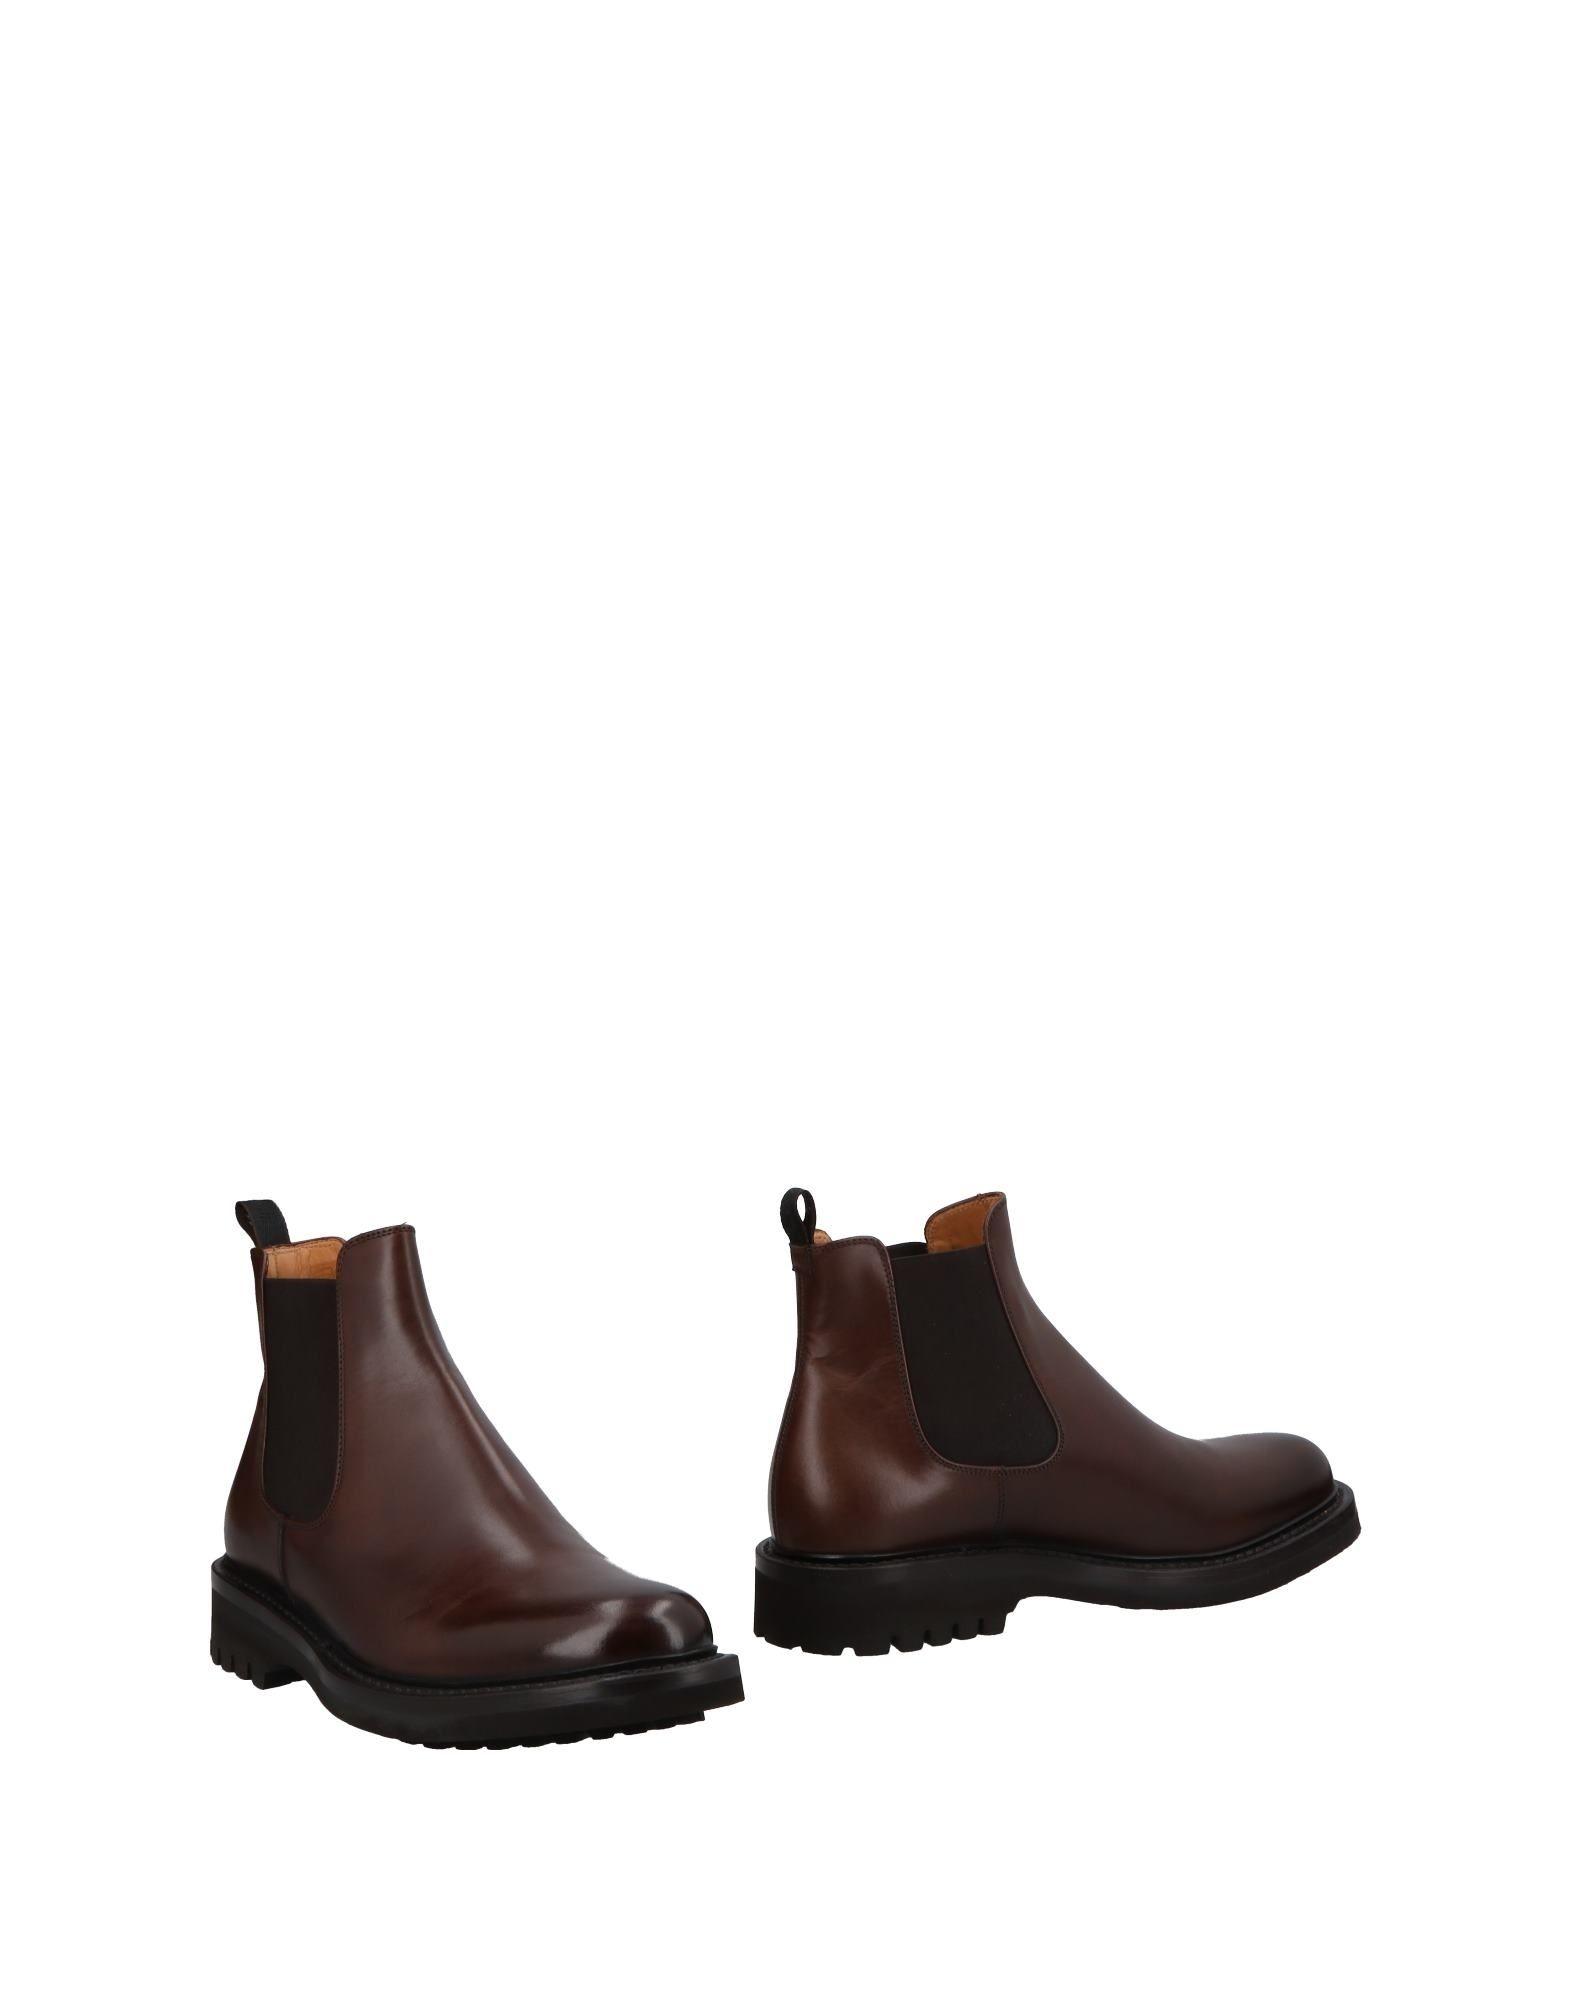 Barracuda Stiefelette Herren  11305439OM Gute Qualität beliebte Schuhe